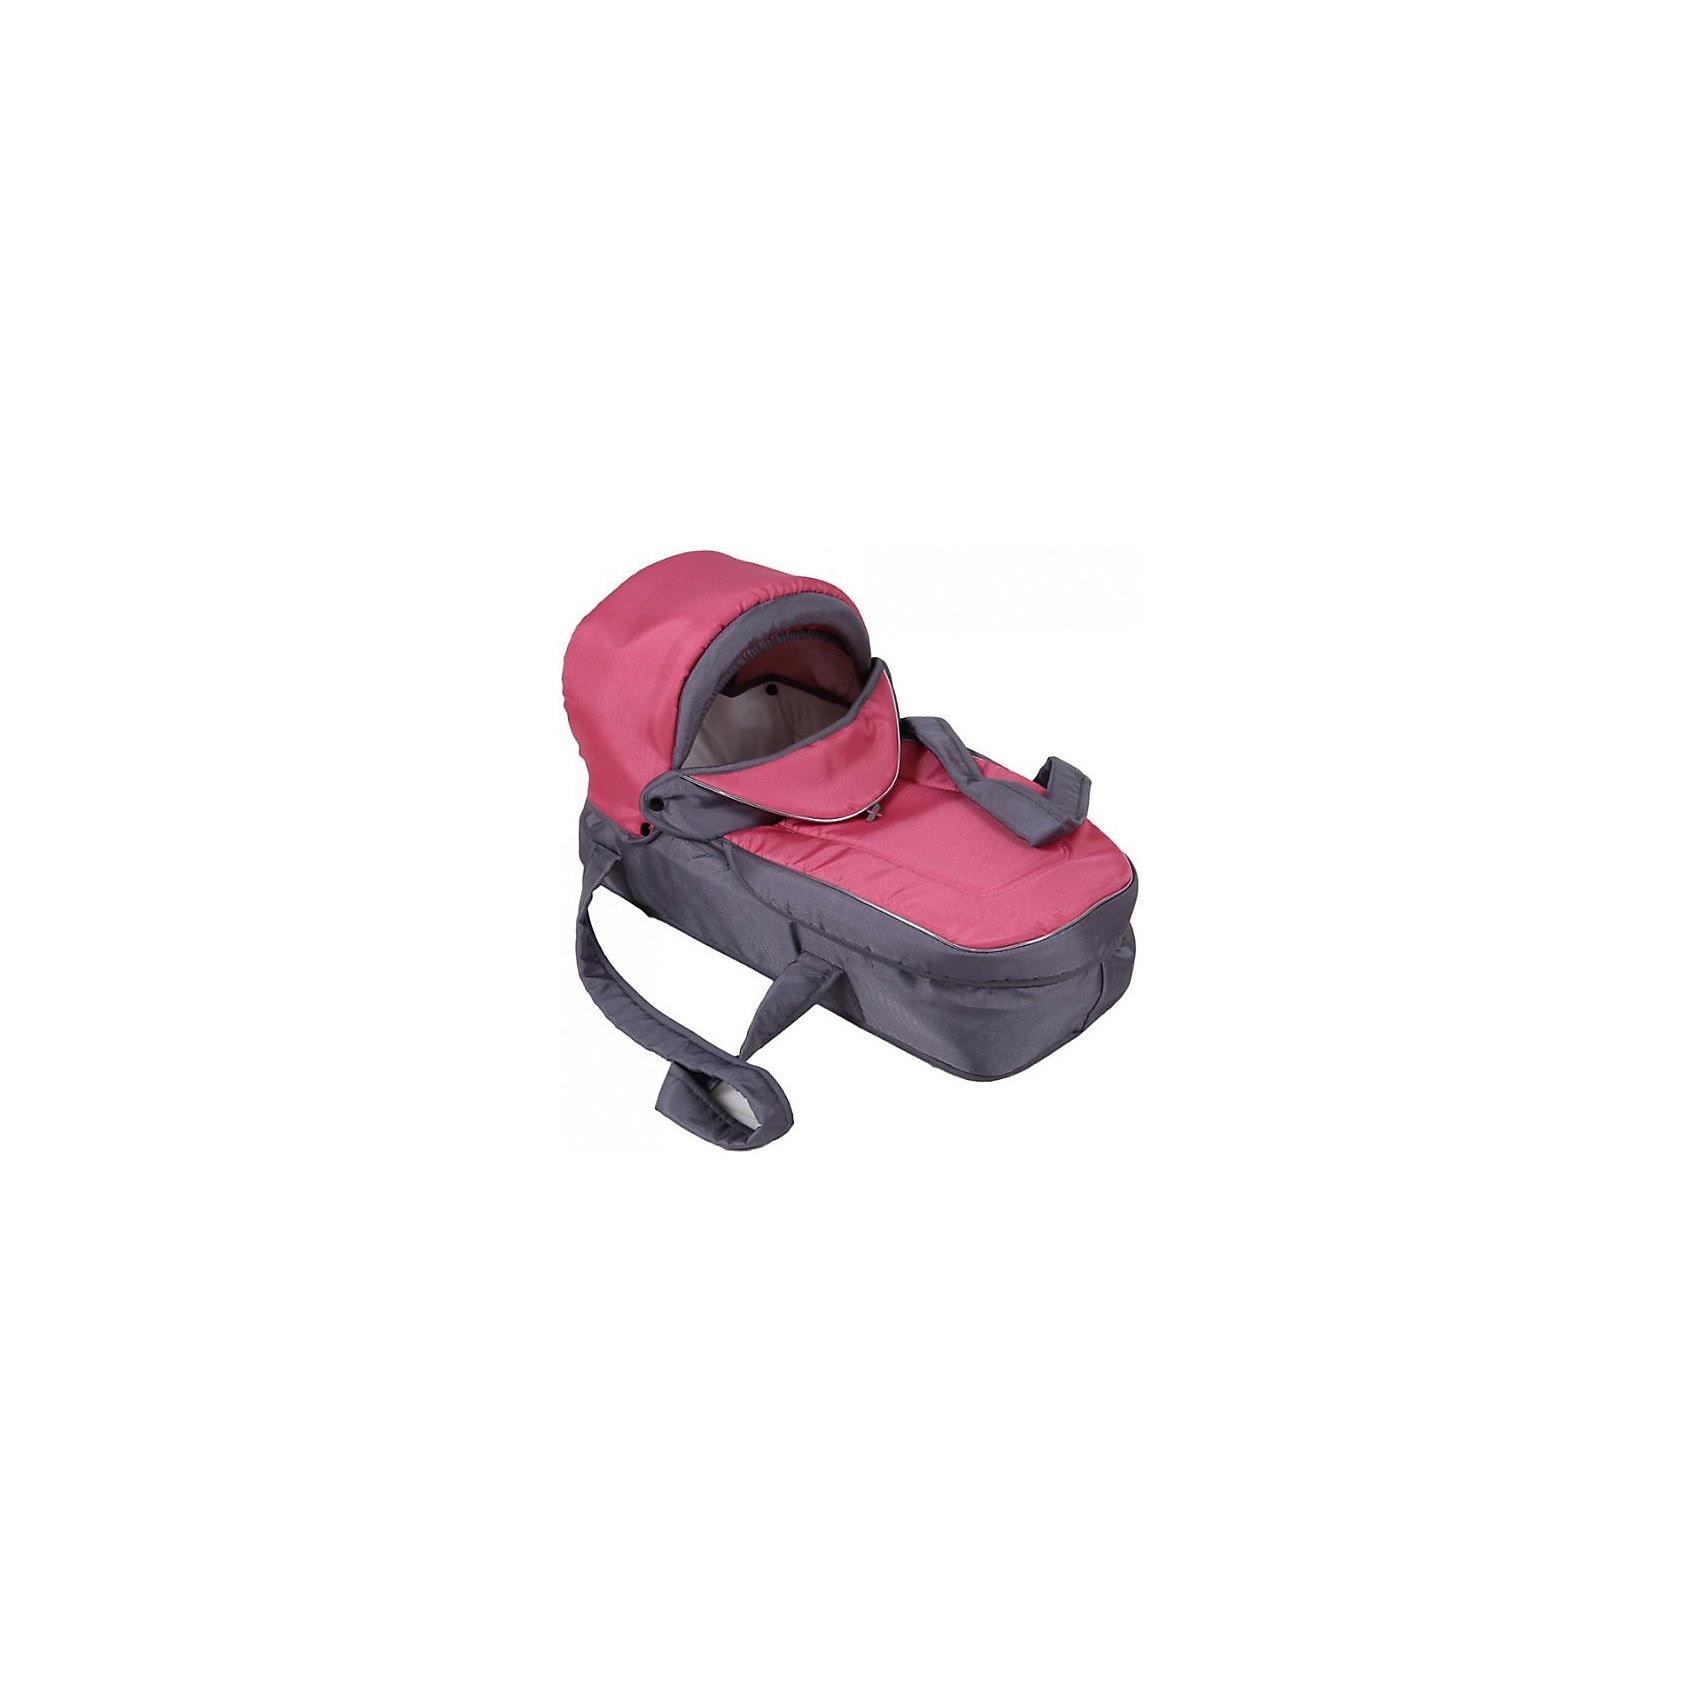 Люлька-переноска для коляски ВЕНЕЦИЯ 202, Лео, серый/розовыйУдобная люлька-переноска для коляски позволит переносить ребенка, не беспокоясь при этом о его безопасности. Боковины и изголовье изделия укреплены, поэтому малыш будет защищен от внешних вмешательств. Днище переноски изготовлено из оргалита, это обеспечивает правильное развитие позвоночника. Высокие бортики защитят малыша от непогоды. <br>Внутренняя обивка сделана из 100% хлопка. Чехол легко чистится! Конструкция  - очень удобная и прочная. Изделие произведено из качественных и безопасных для малышей материалов, оно соответствуют всем современным требованиям безопасности.<br> <br>Дополнительная информация:<br><br>цвет: серый/розовый;<br>чехол можно стирать;<br>боковины и изголовье укреплены;<br>днище из оргалита;<br>высокие бортики;<br>внутренняя обивка из 100% хлопка.<br><br>Люльку-переноску для коляски ВЕНЕЦИЯ 202, серый/розовый, от компании Лео можно купить в нашем магазине.<br><br>Ширина мм: 640<br>Глубина мм: 290<br>Высота мм: 150<br>Вес г: 1450<br>Возраст от месяцев: 0<br>Возраст до месяцев: 4<br>Пол: Унисекс<br>Возраст: Детский<br>SKU: 4720074